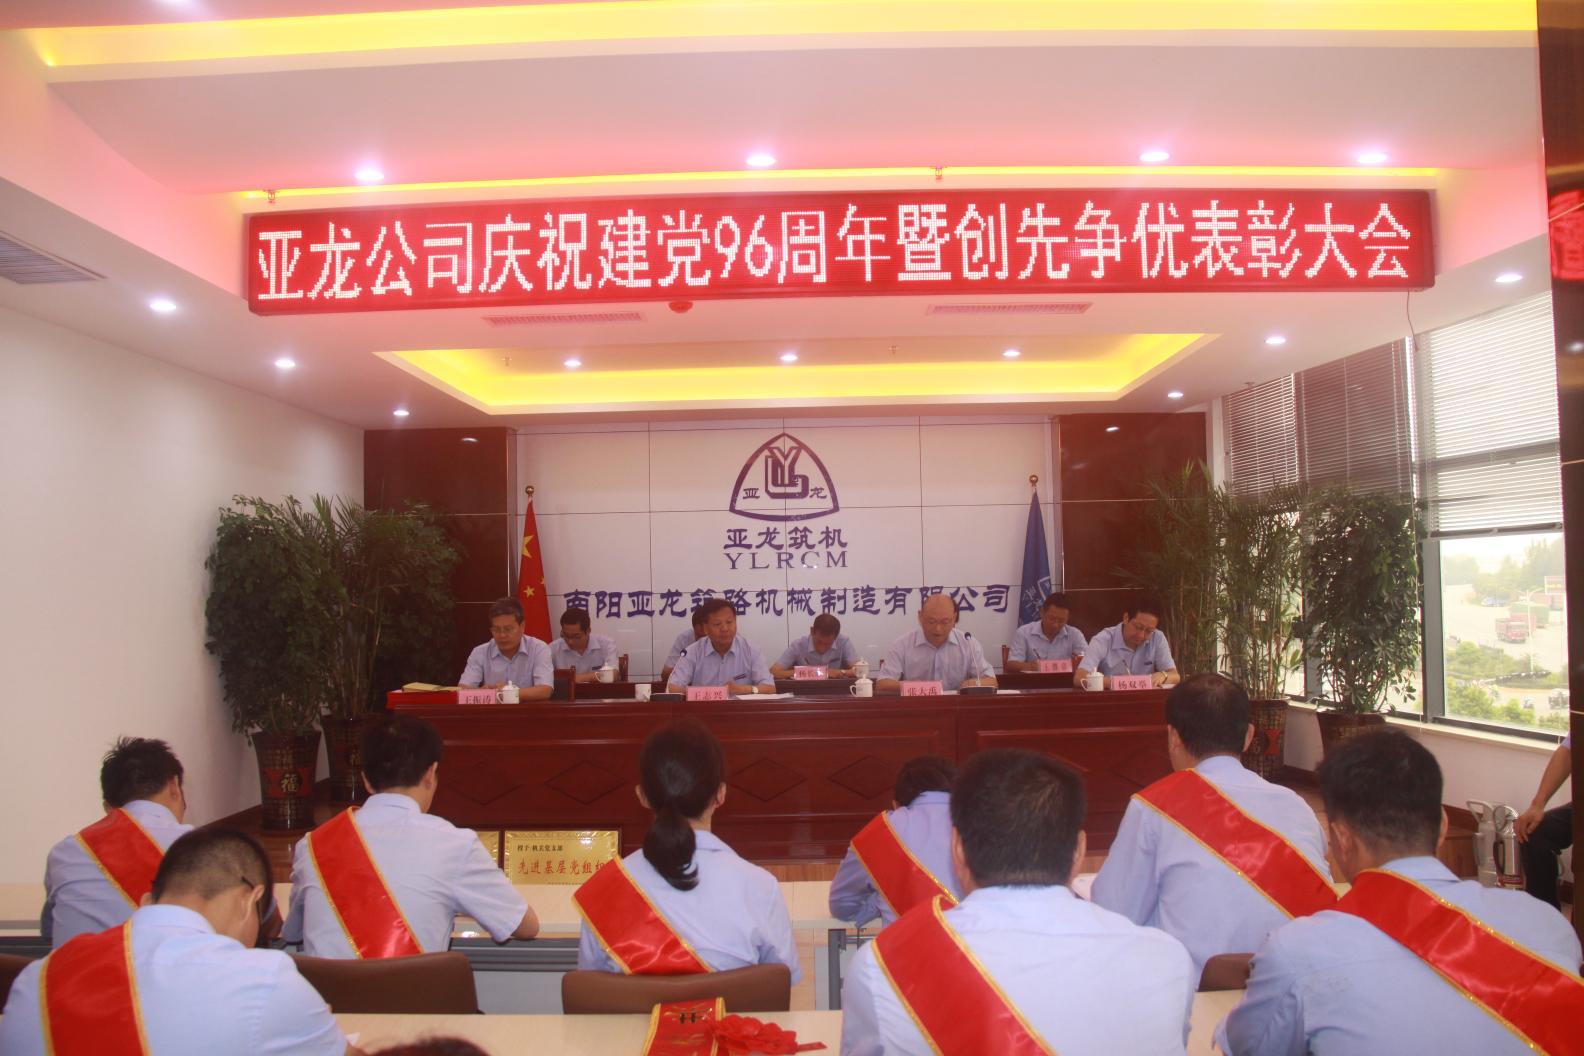 公司隆重召开庆祝建党96周年暨创先争优表彰大会